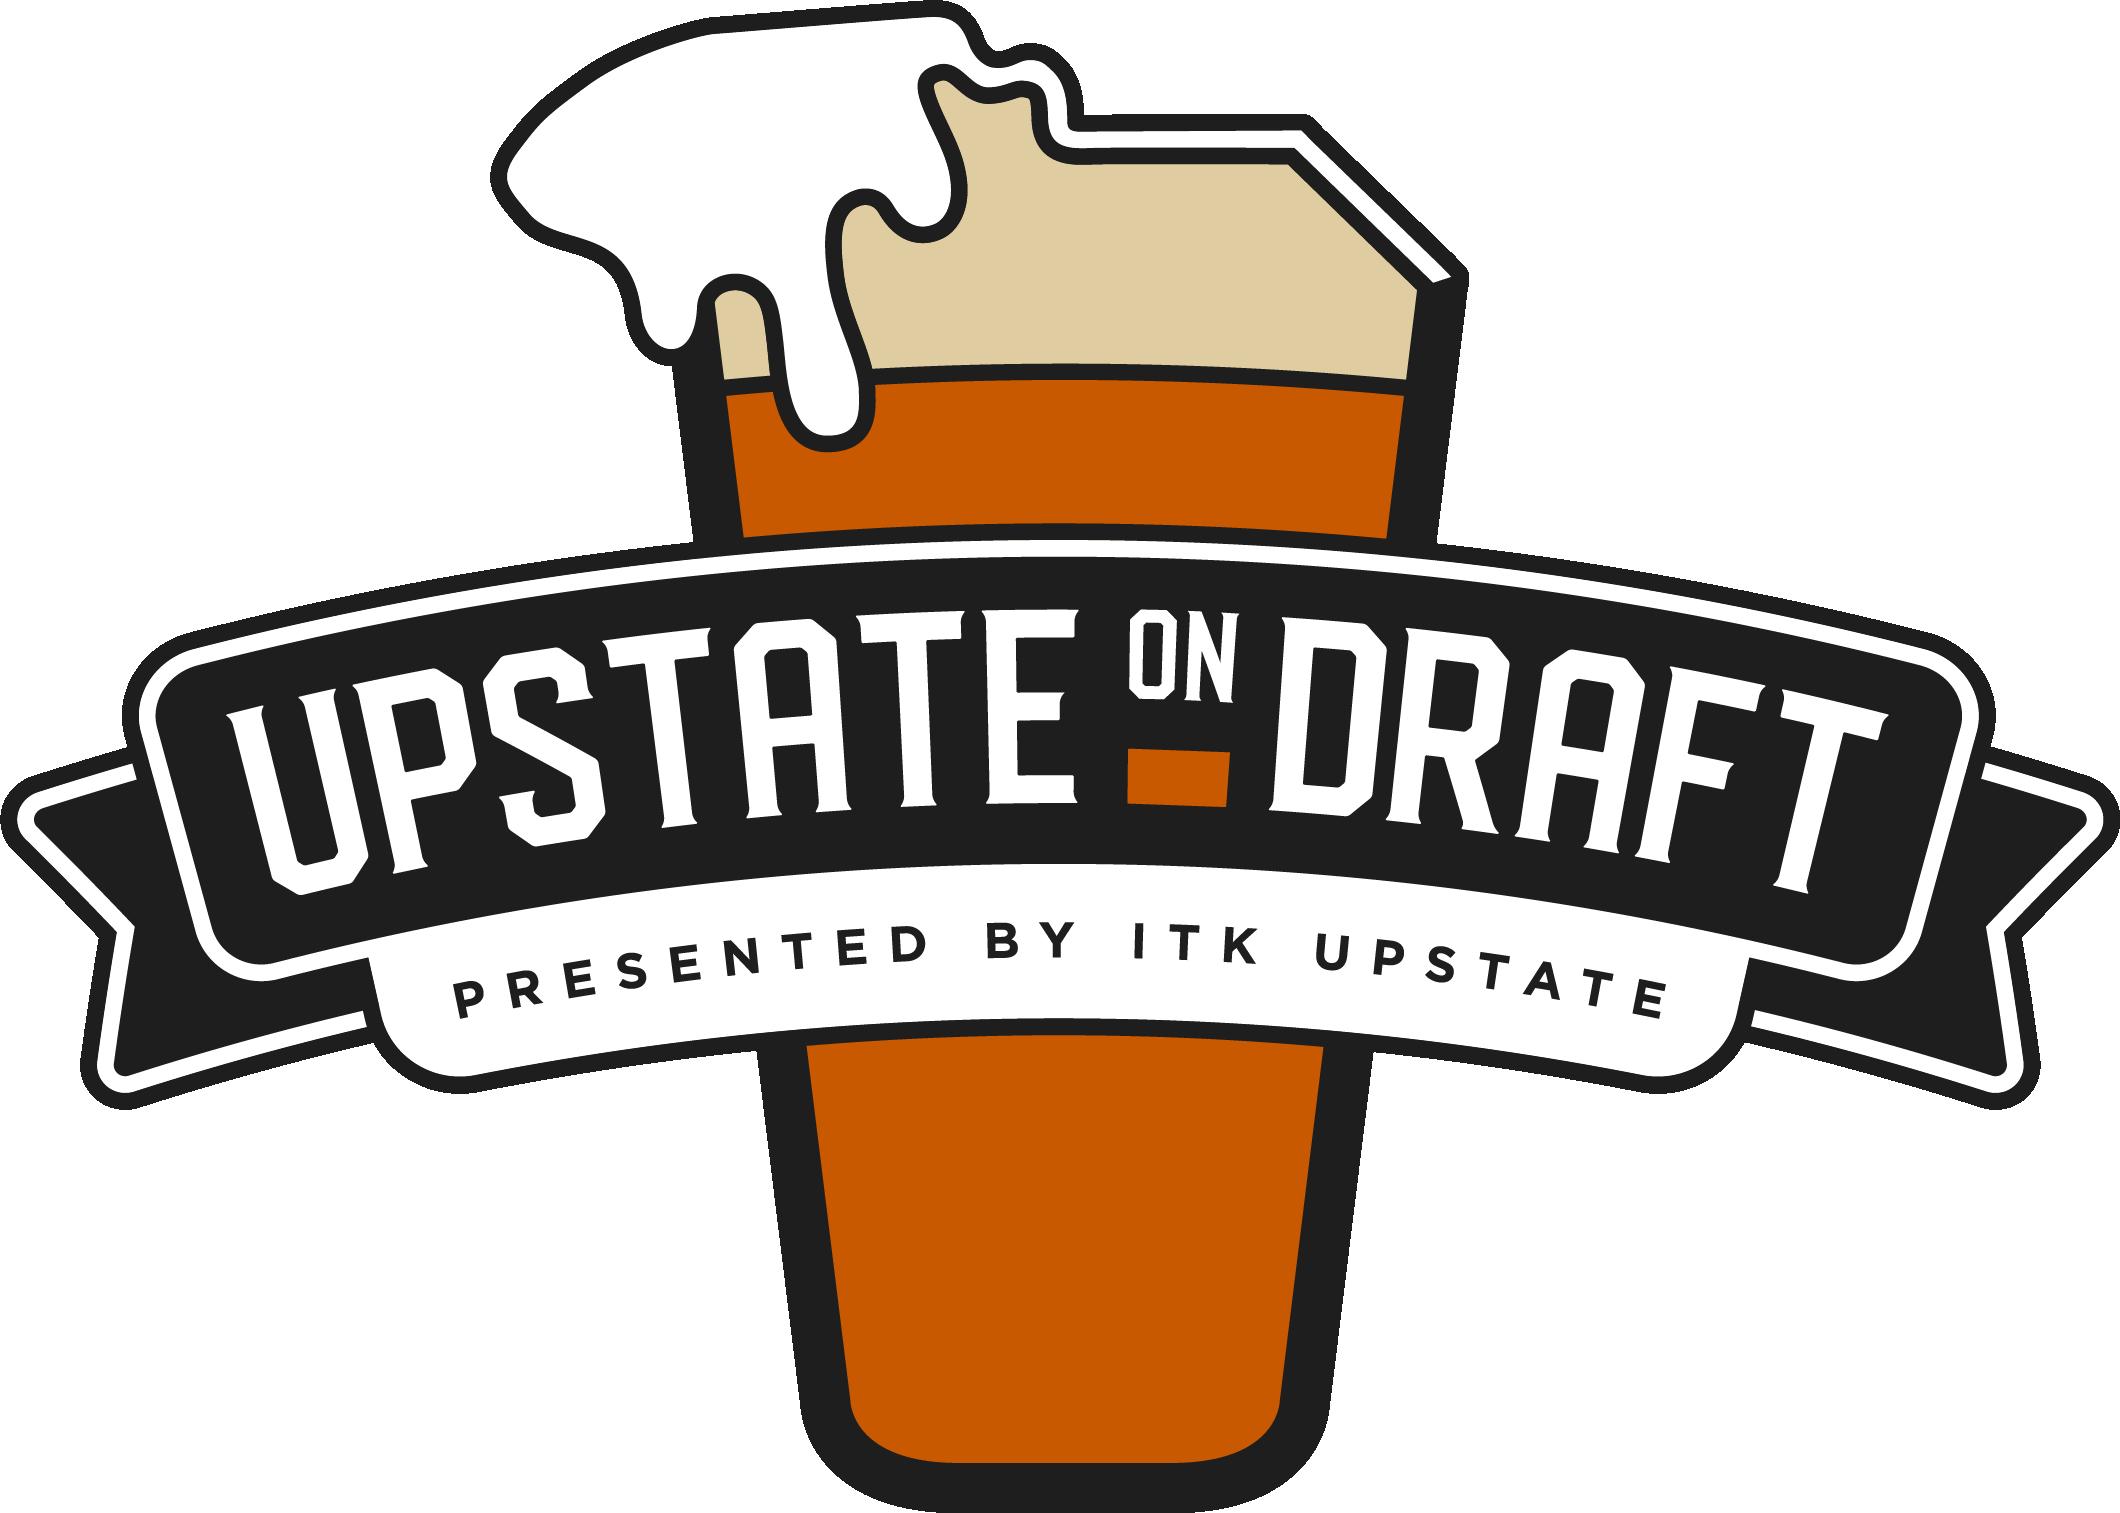 logo_upstateOnDraft.png